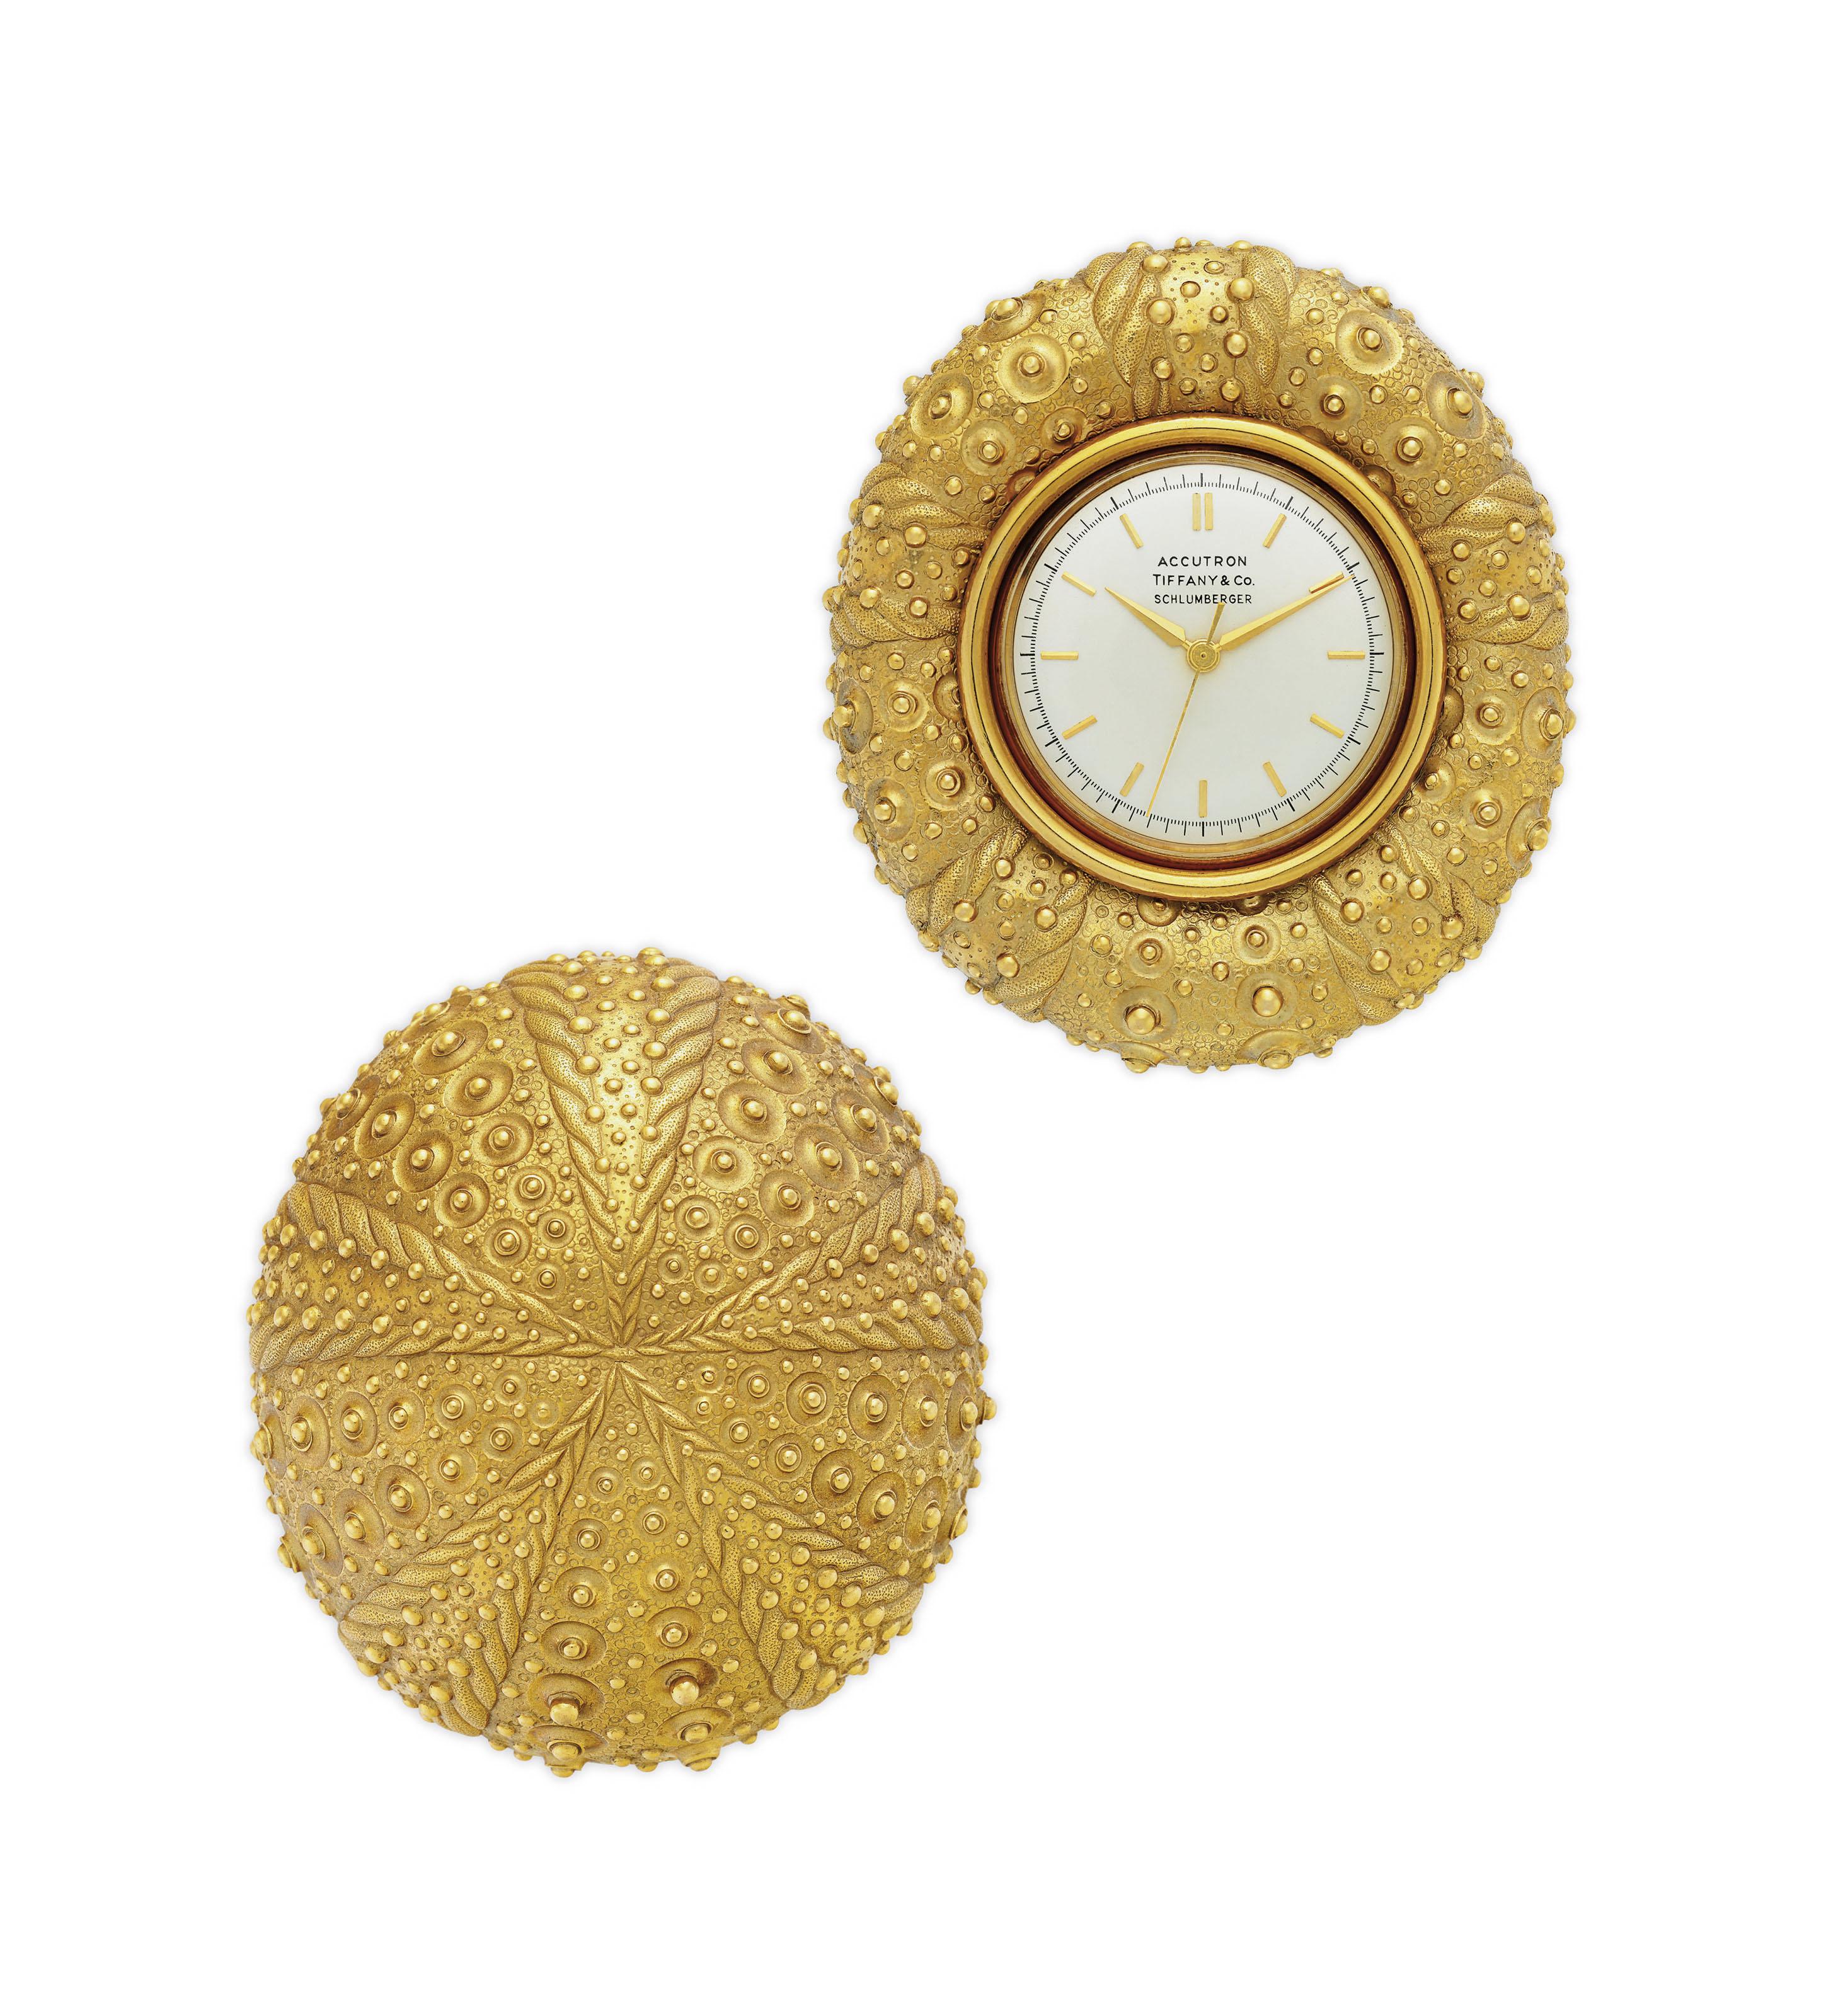 GOLD SEA URCHIN DESK CLOCK, JE